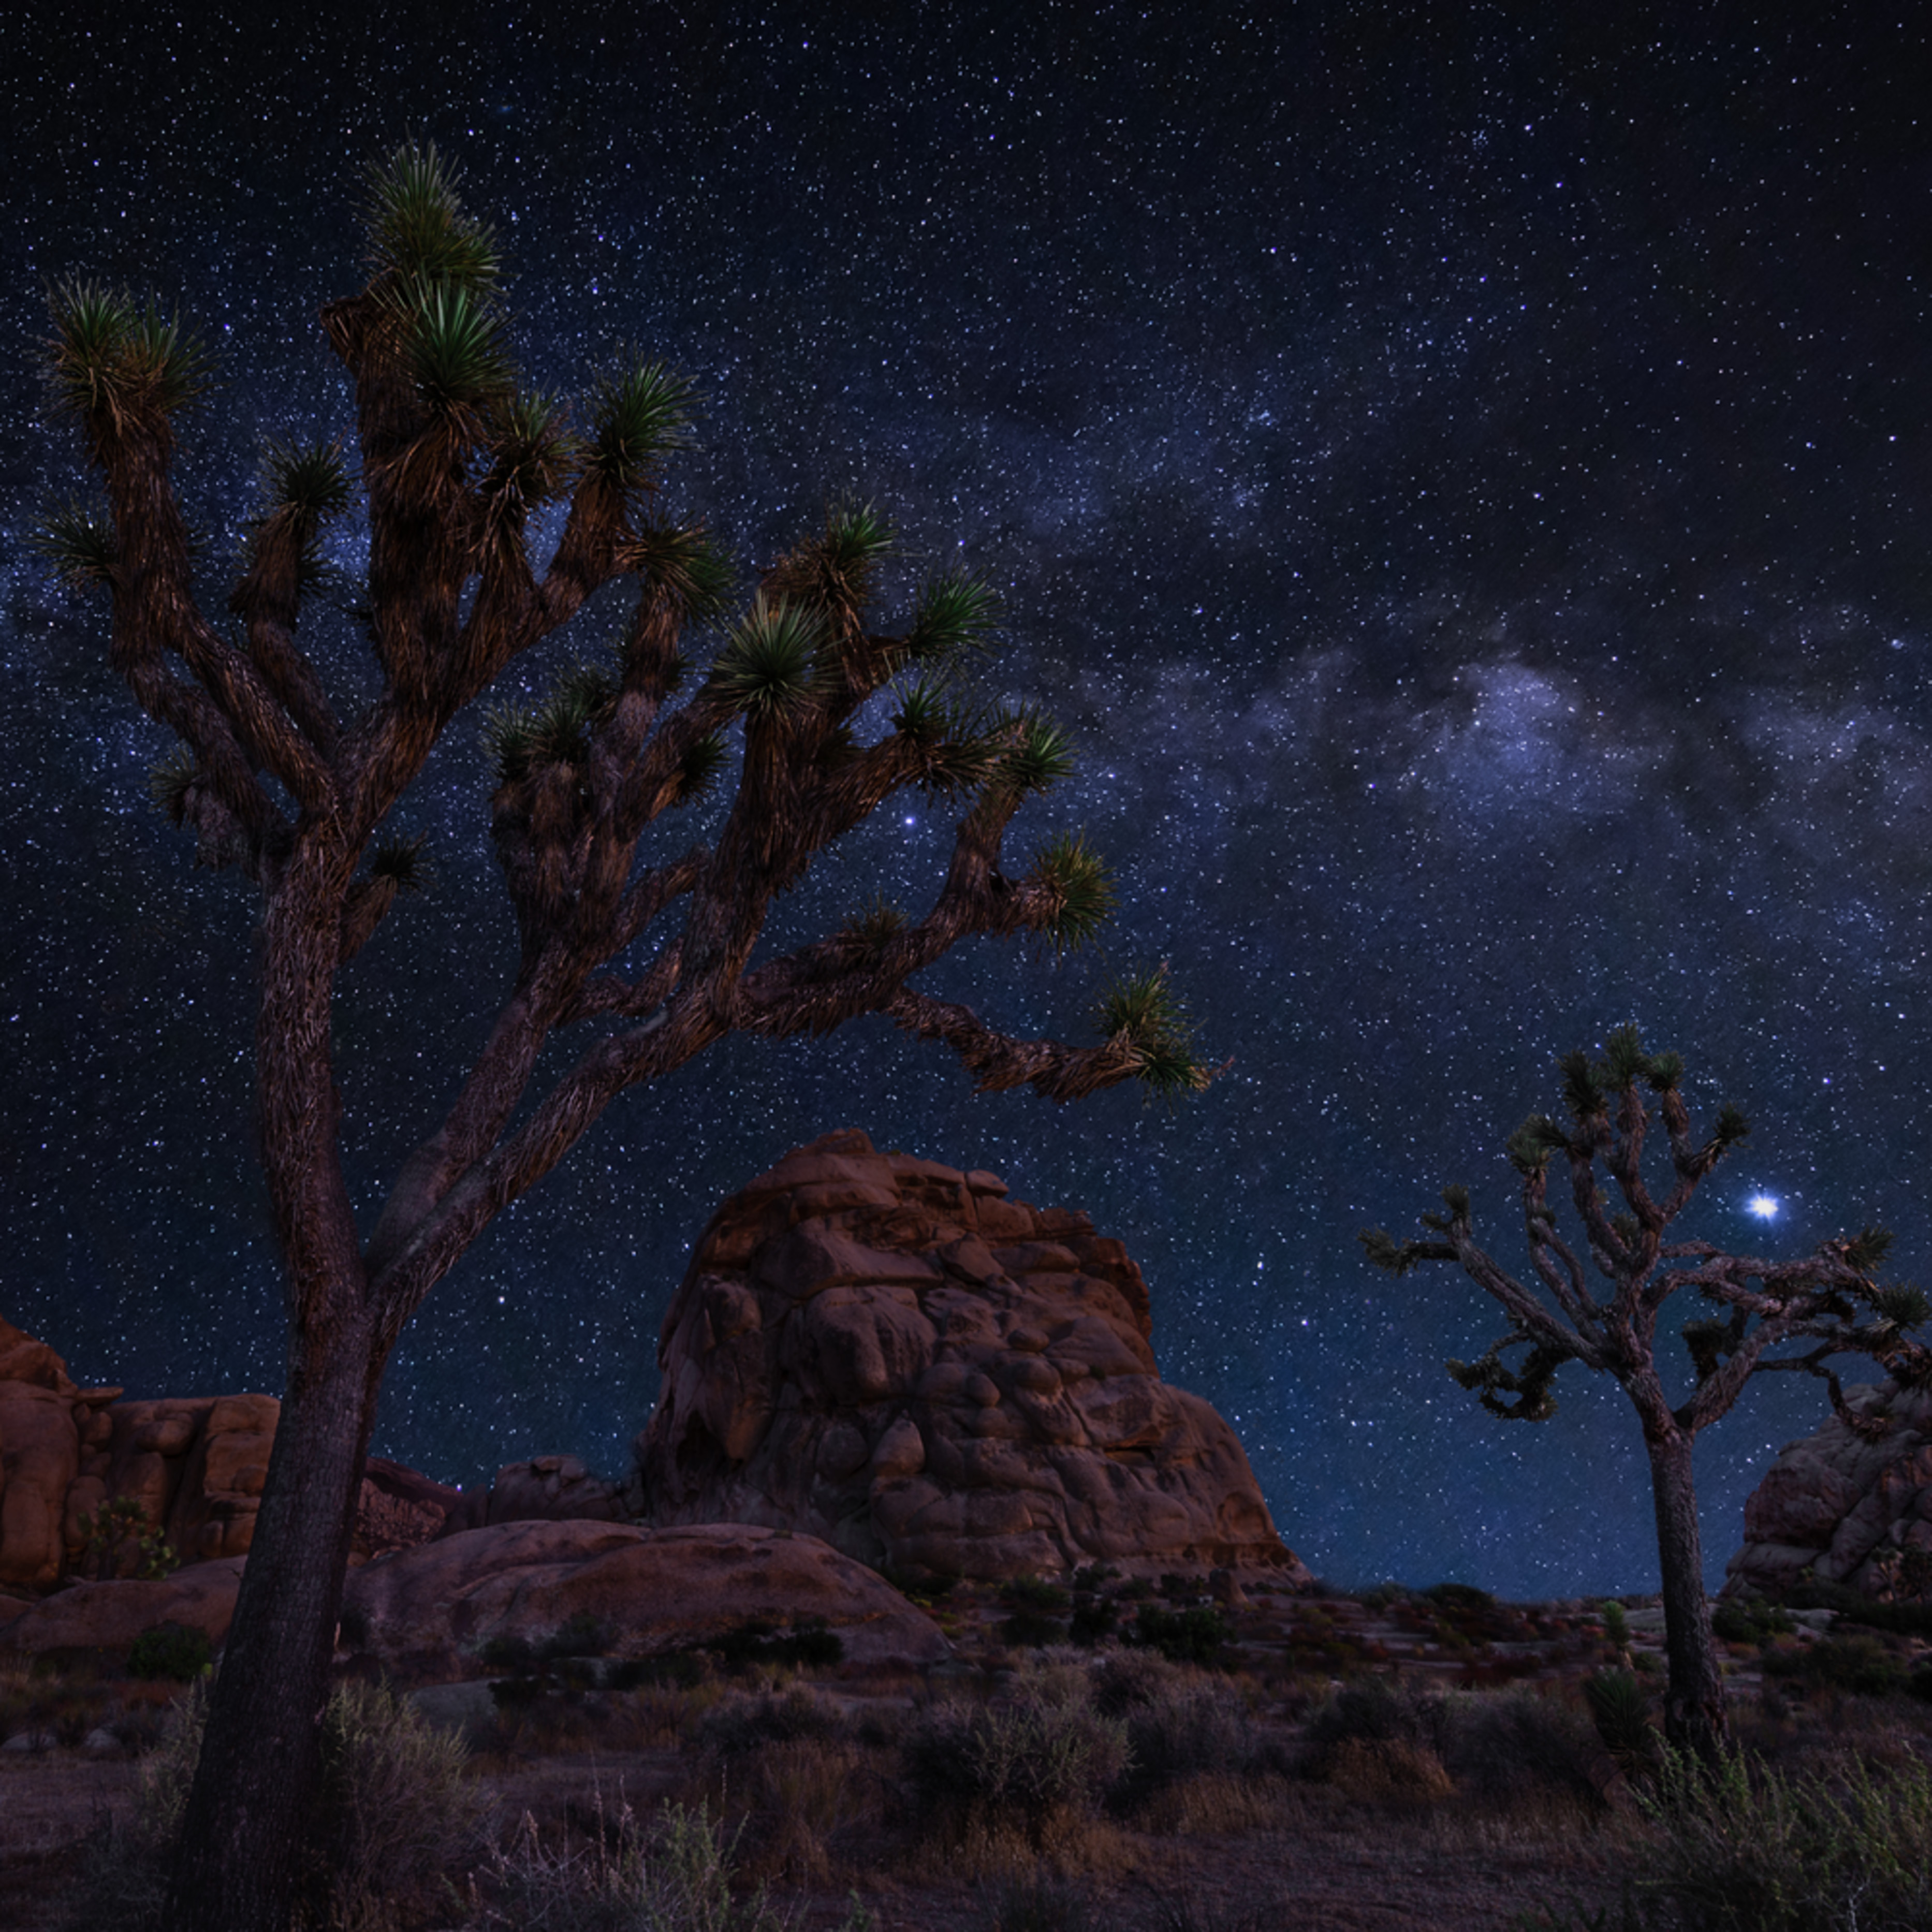 Joshua tree starlight bnl8qd